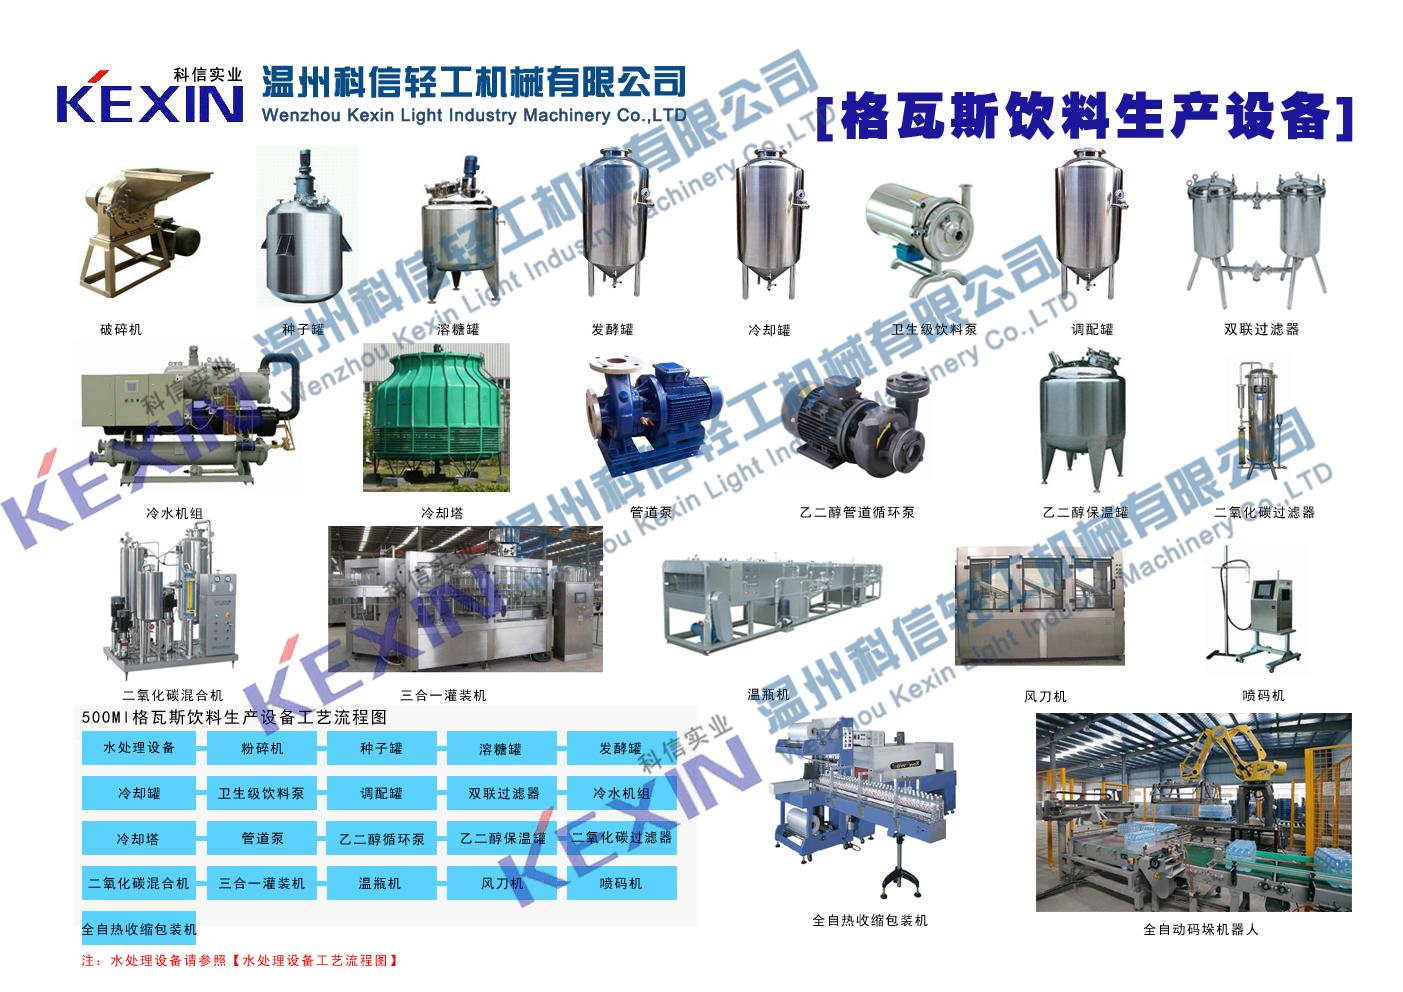 矿泉水生产设备应用非常广泛